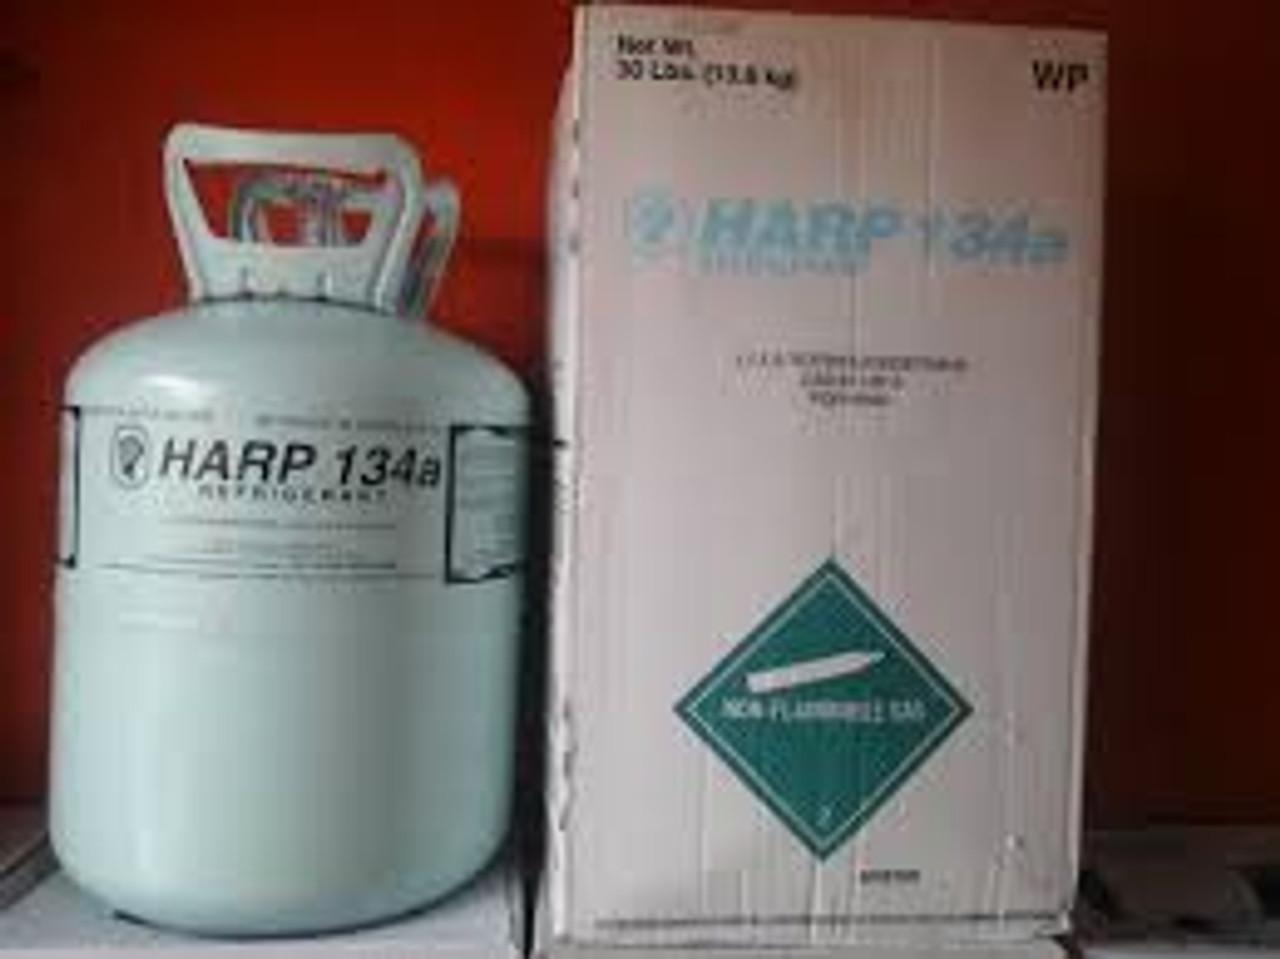 Harp refrigerant Gas 134A